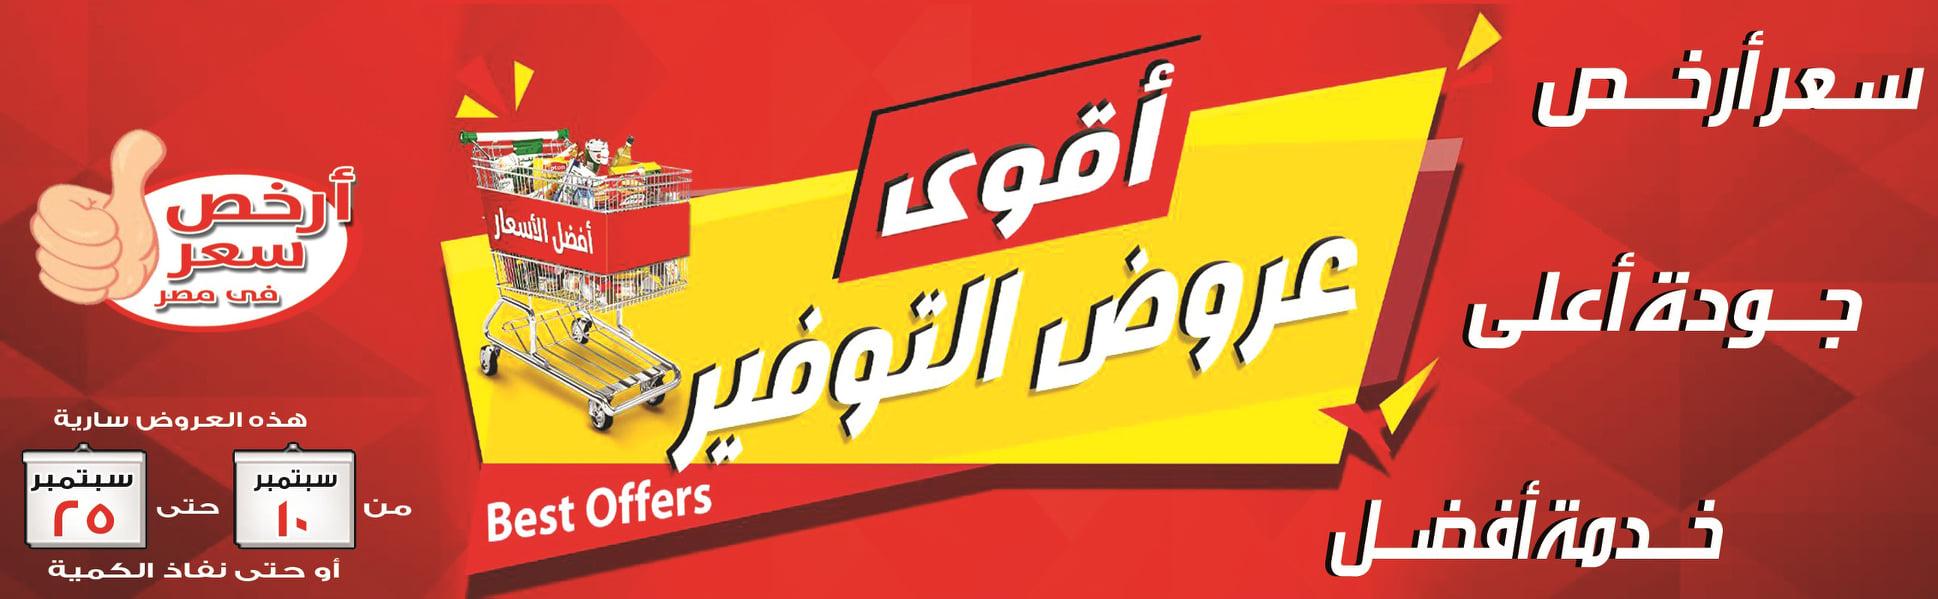 عروض الفرجانى من 10 سبتمبر حتى 25 سبتمبر 2020 عروض التوفير